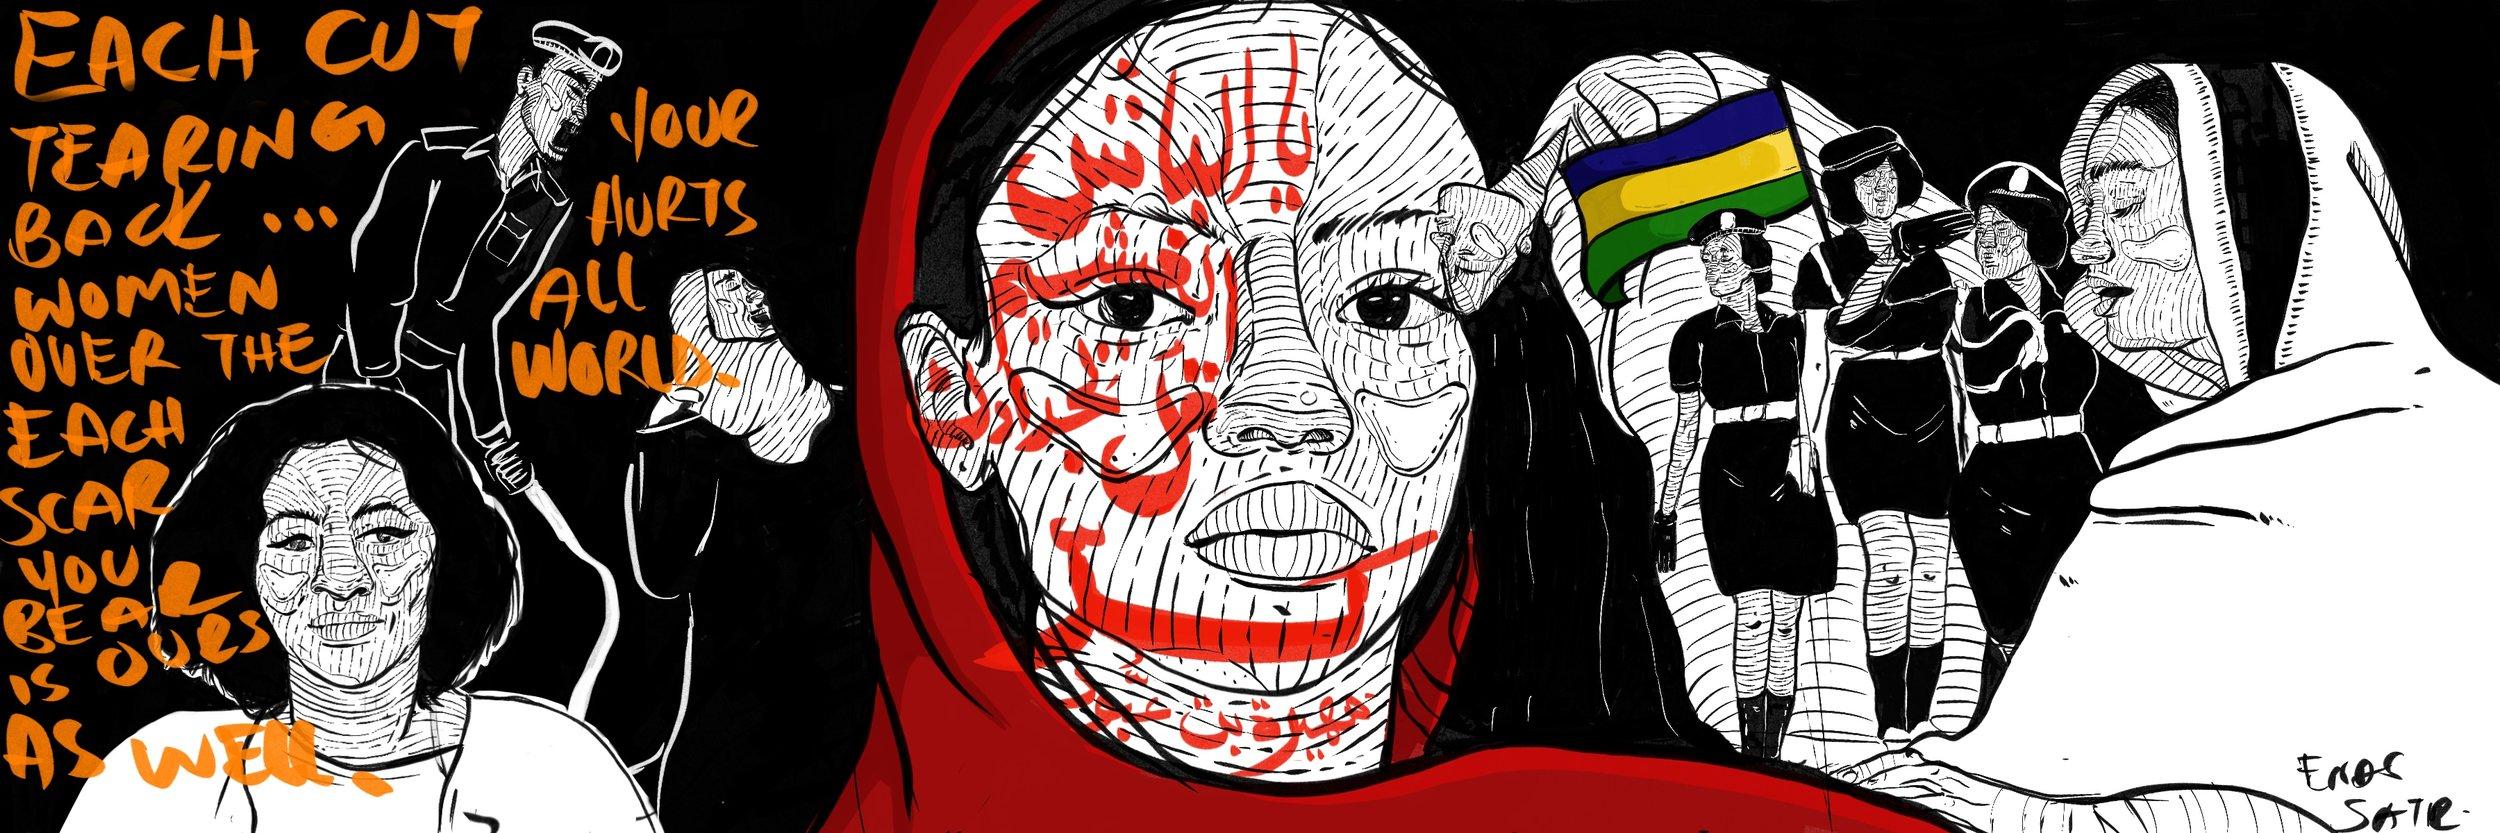 Women against Kezan.jpg